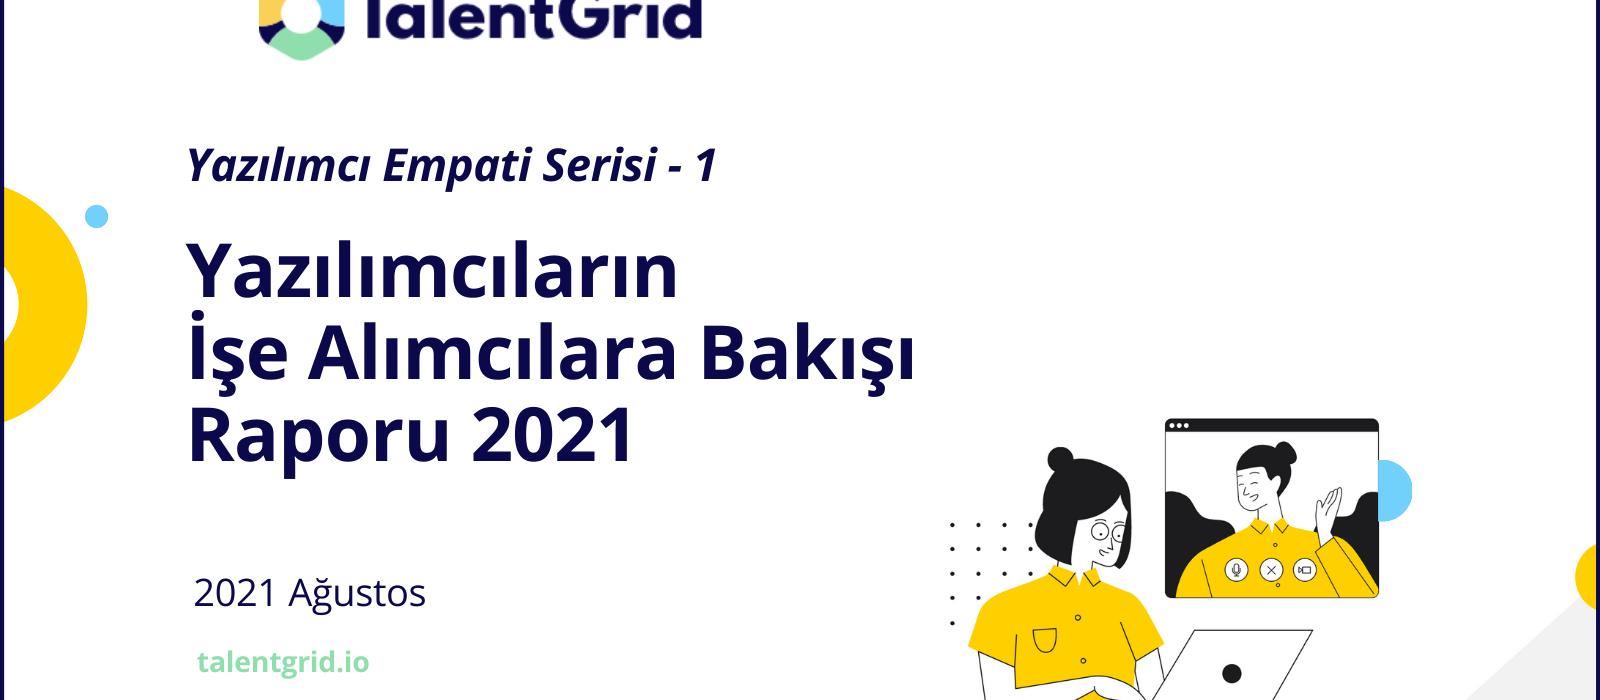 TalentGrid Yazılımcıların İşe Alımcılara Bakışı Raporu 2021